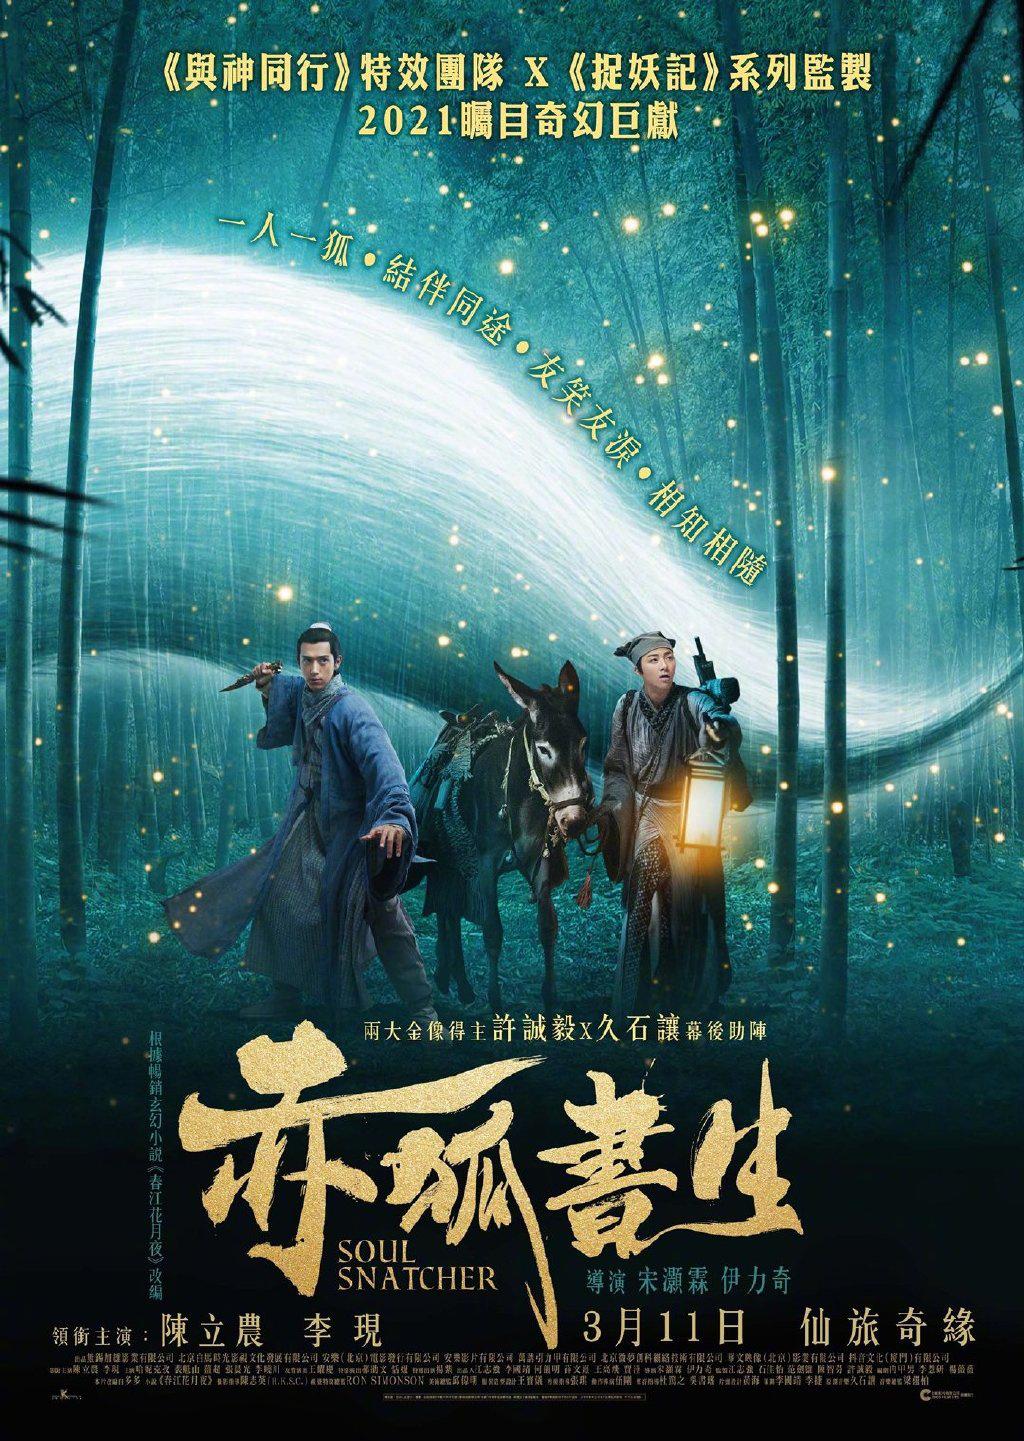 《赤狐书生》3.11在香港开播, 陈立农李现赴奇幻之旅